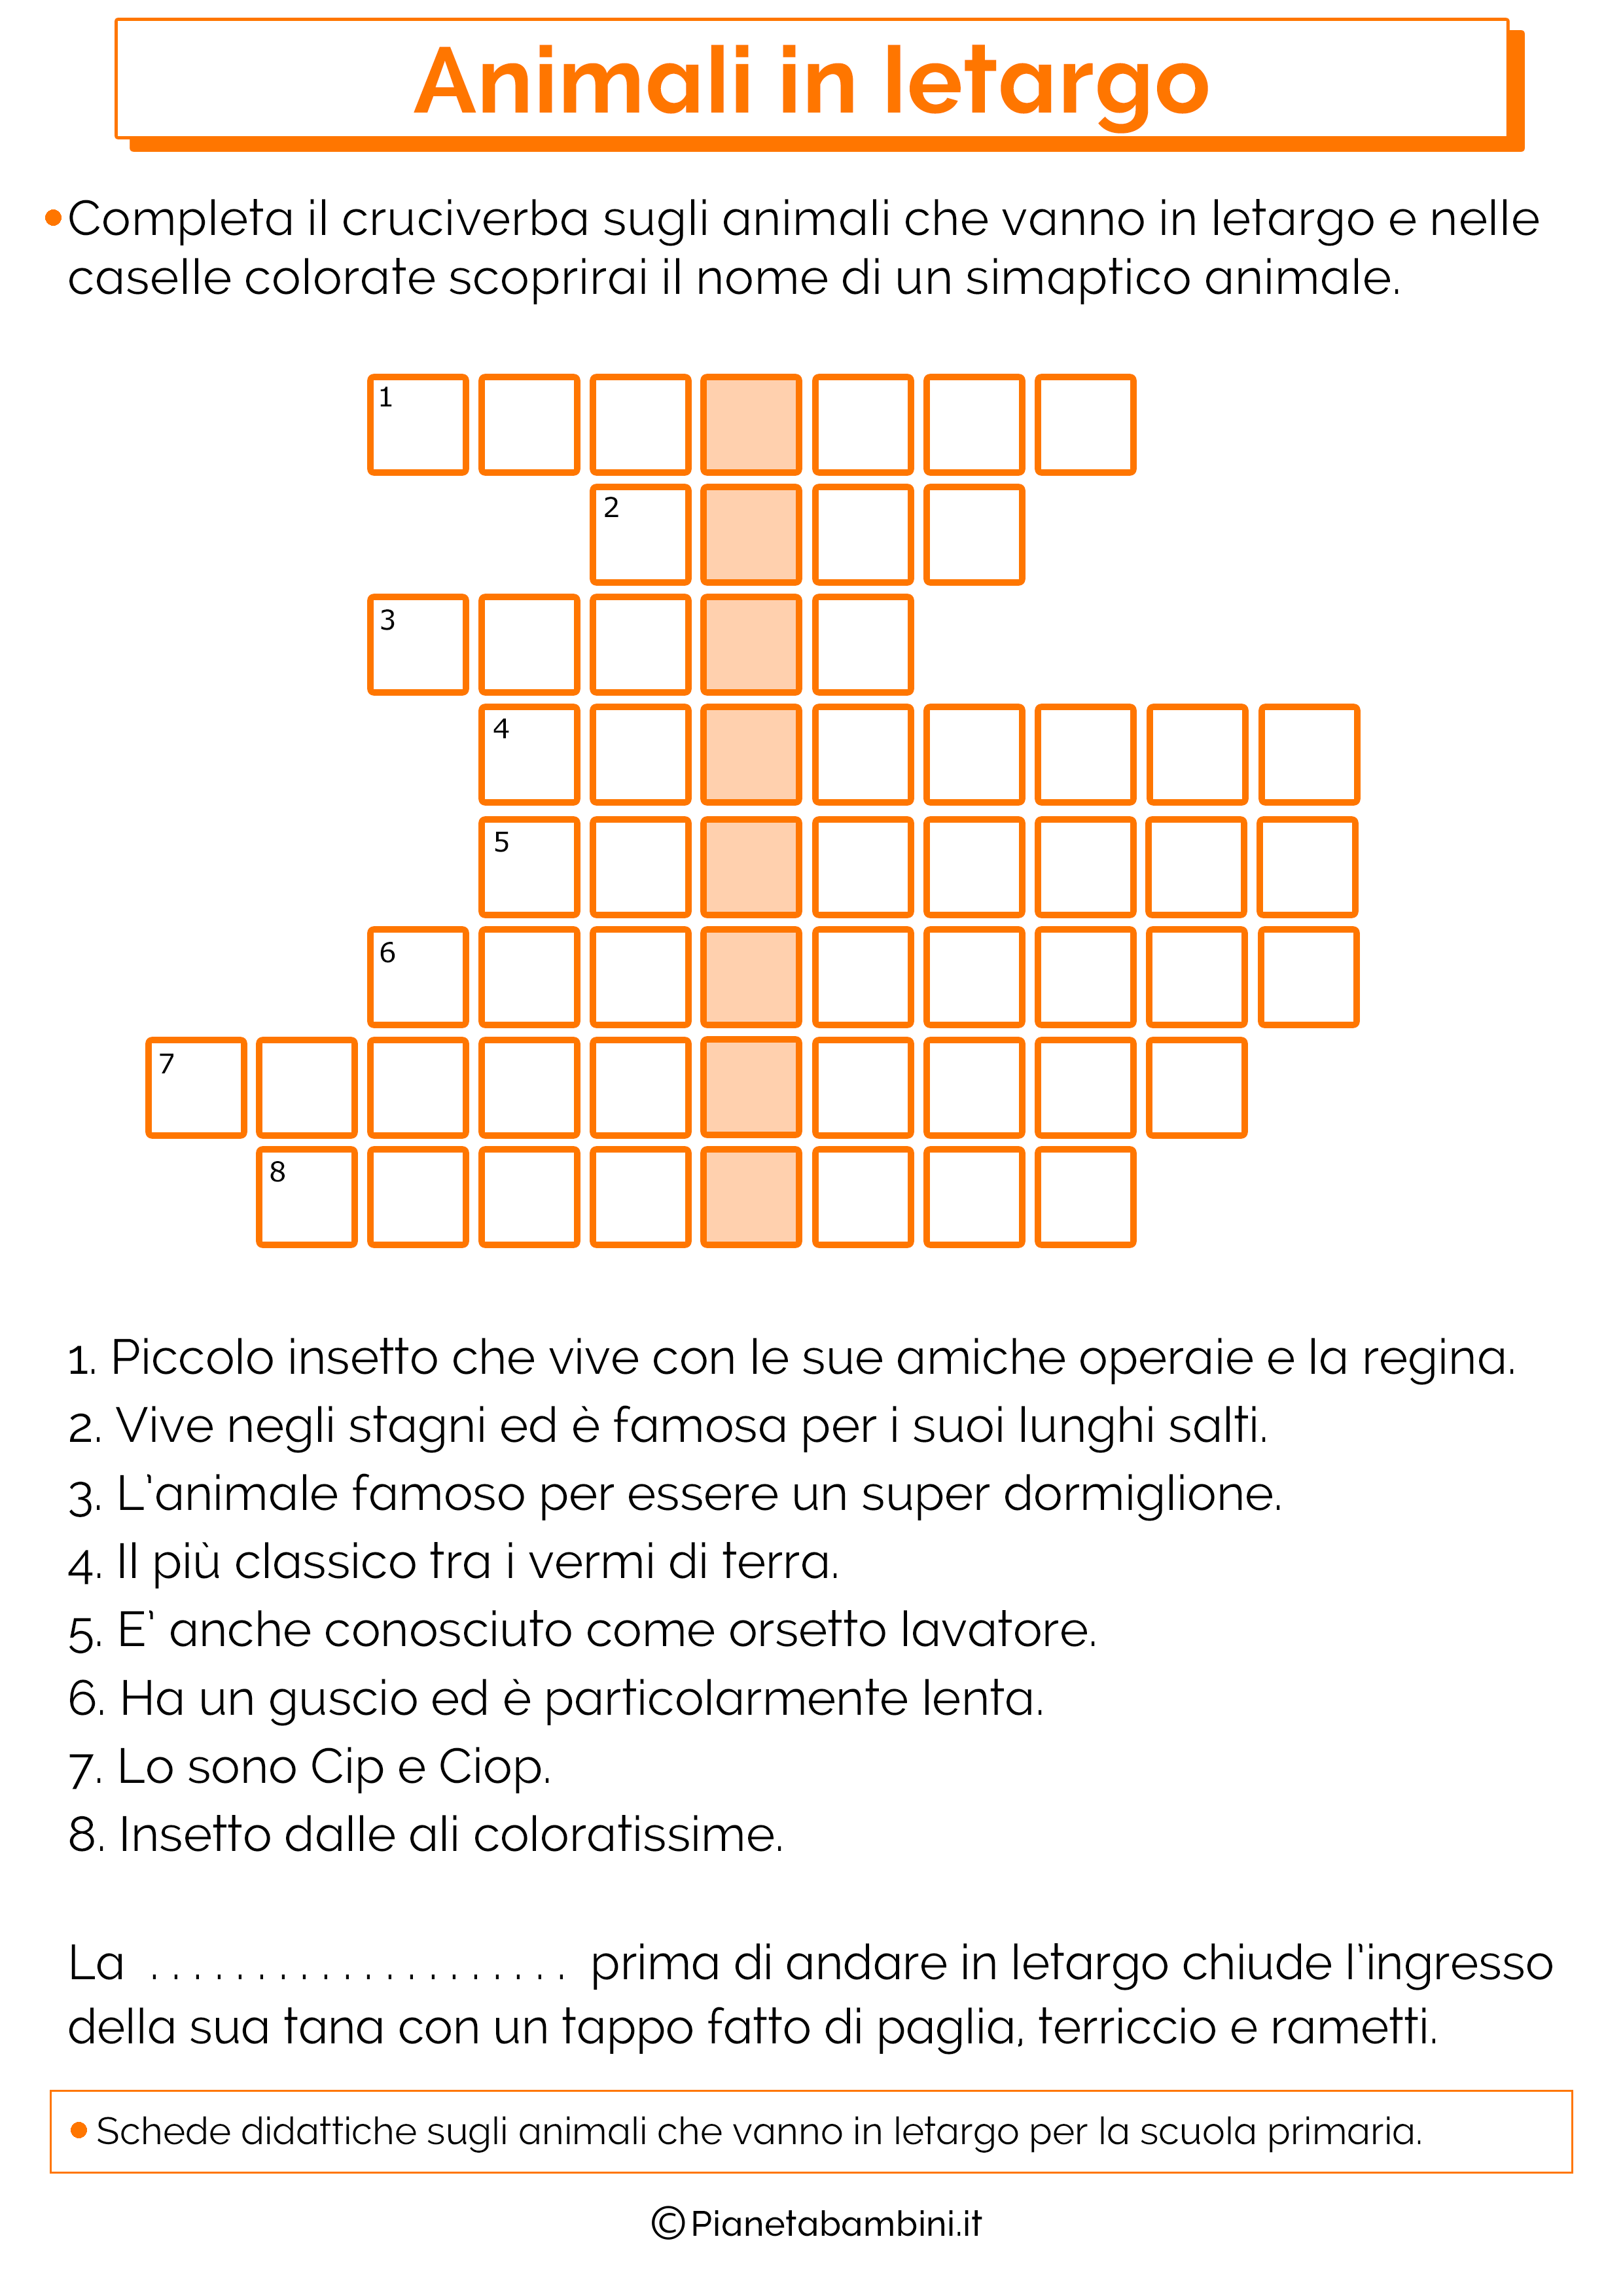 schede-didattiche-animali-letargo-7